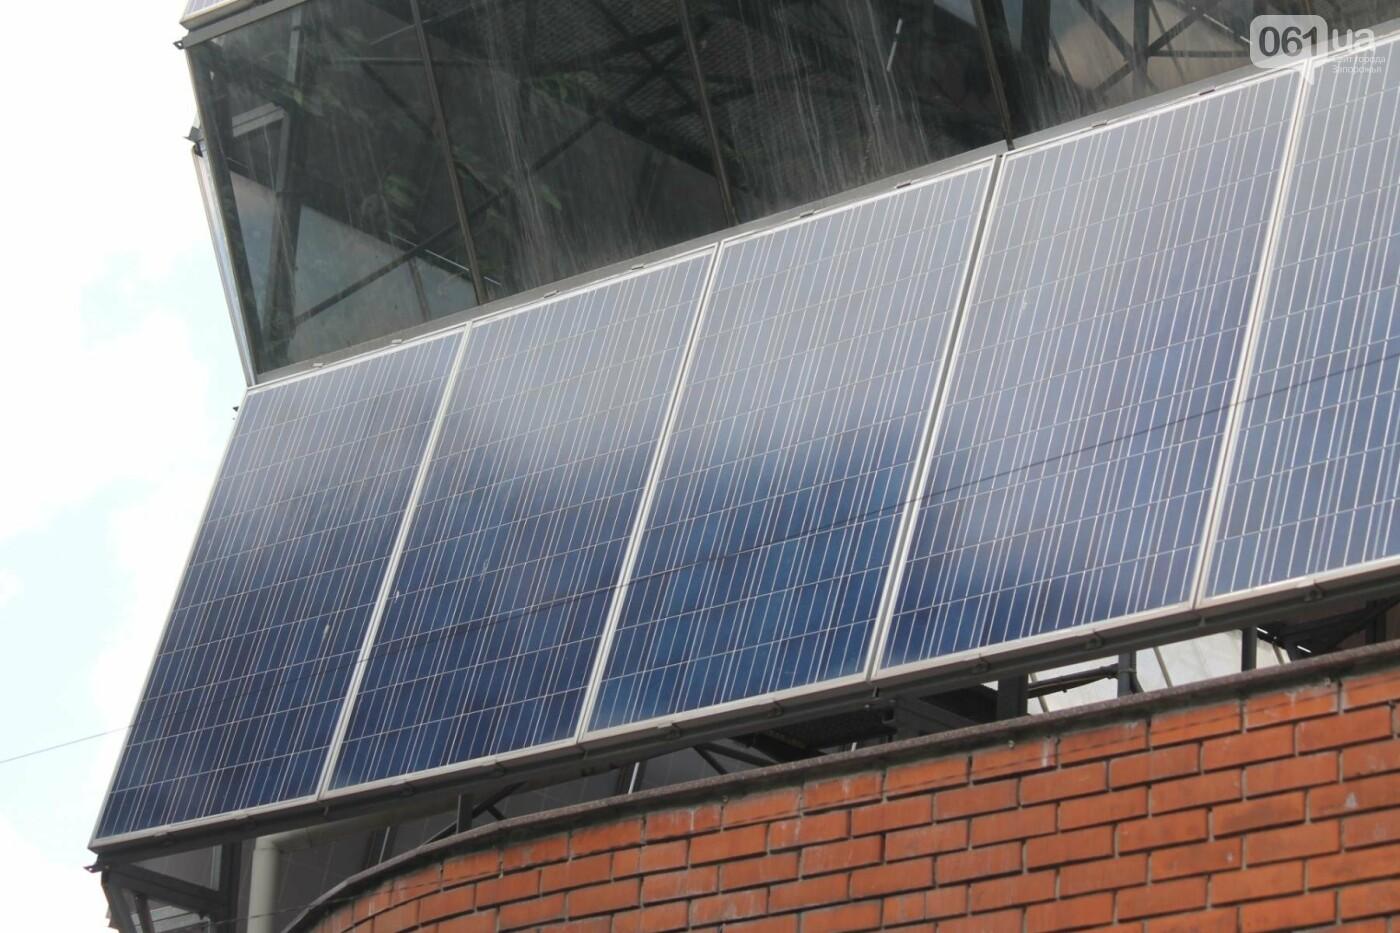 «Мы реализуем проекты, которые другим кажутся невыполнимыми»: как запорожская компания строит уникальные солнечные станции, фото-14